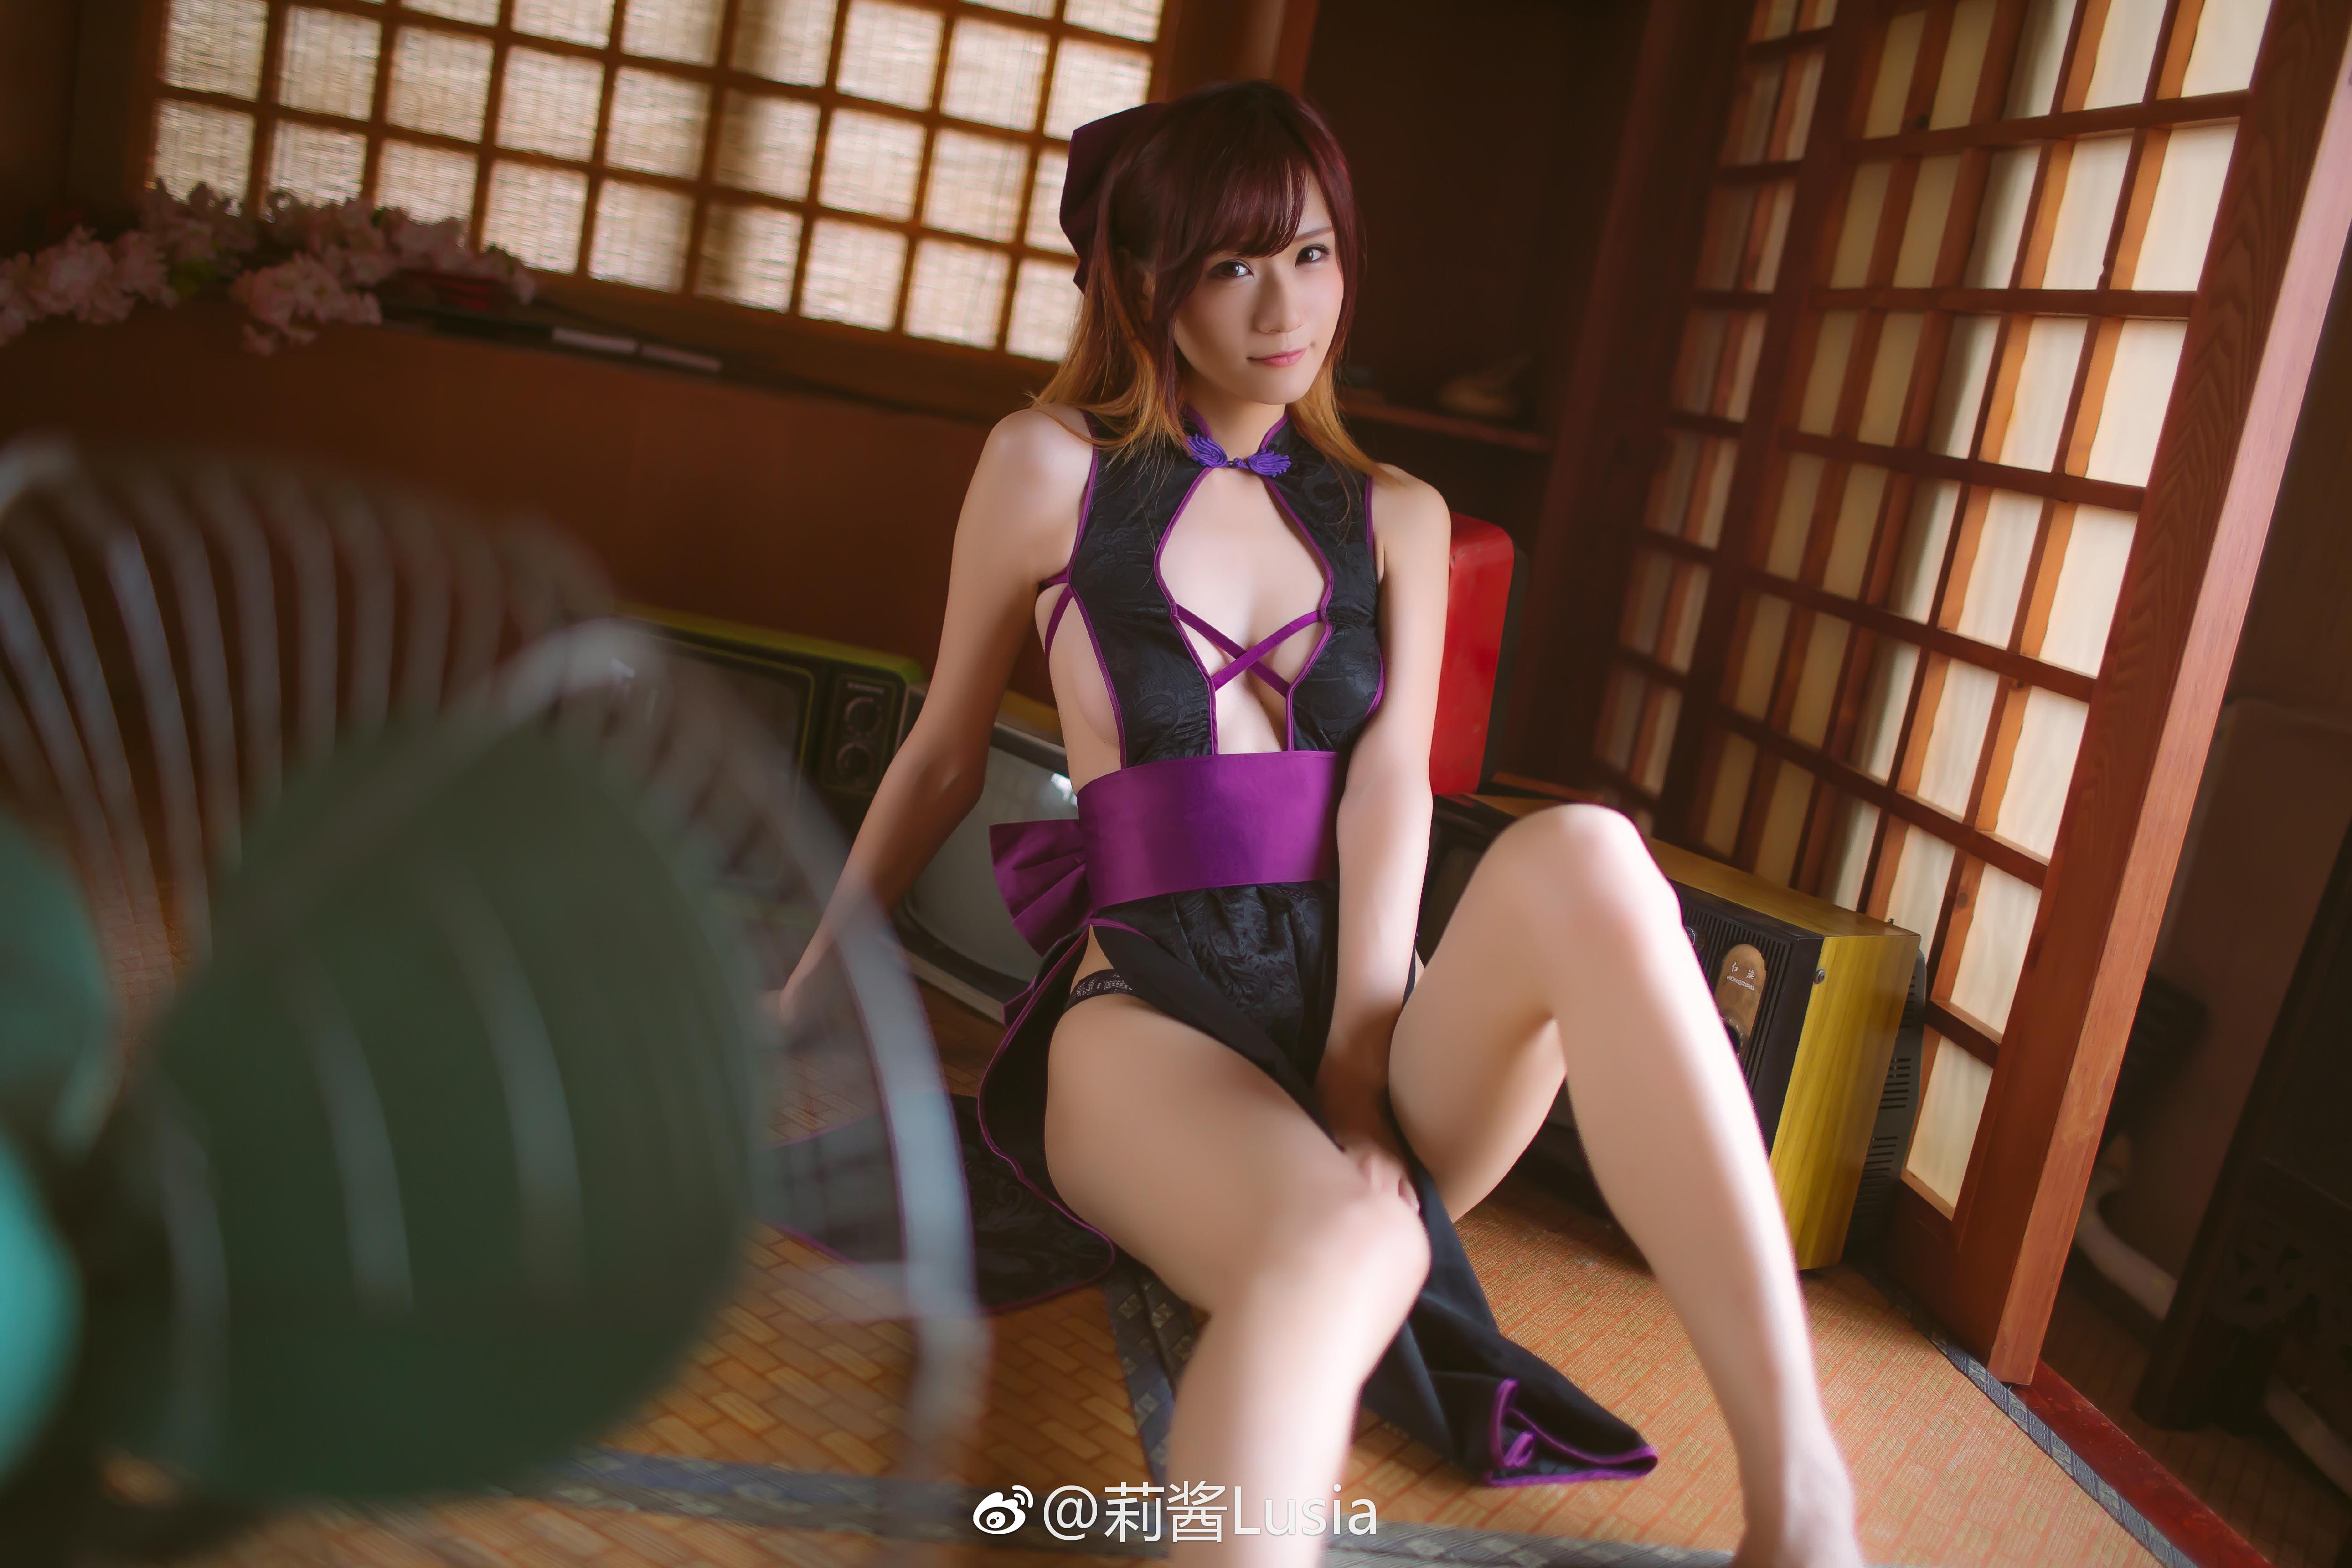 萌妹子的开胸又开衩情趣旗袍(9P)